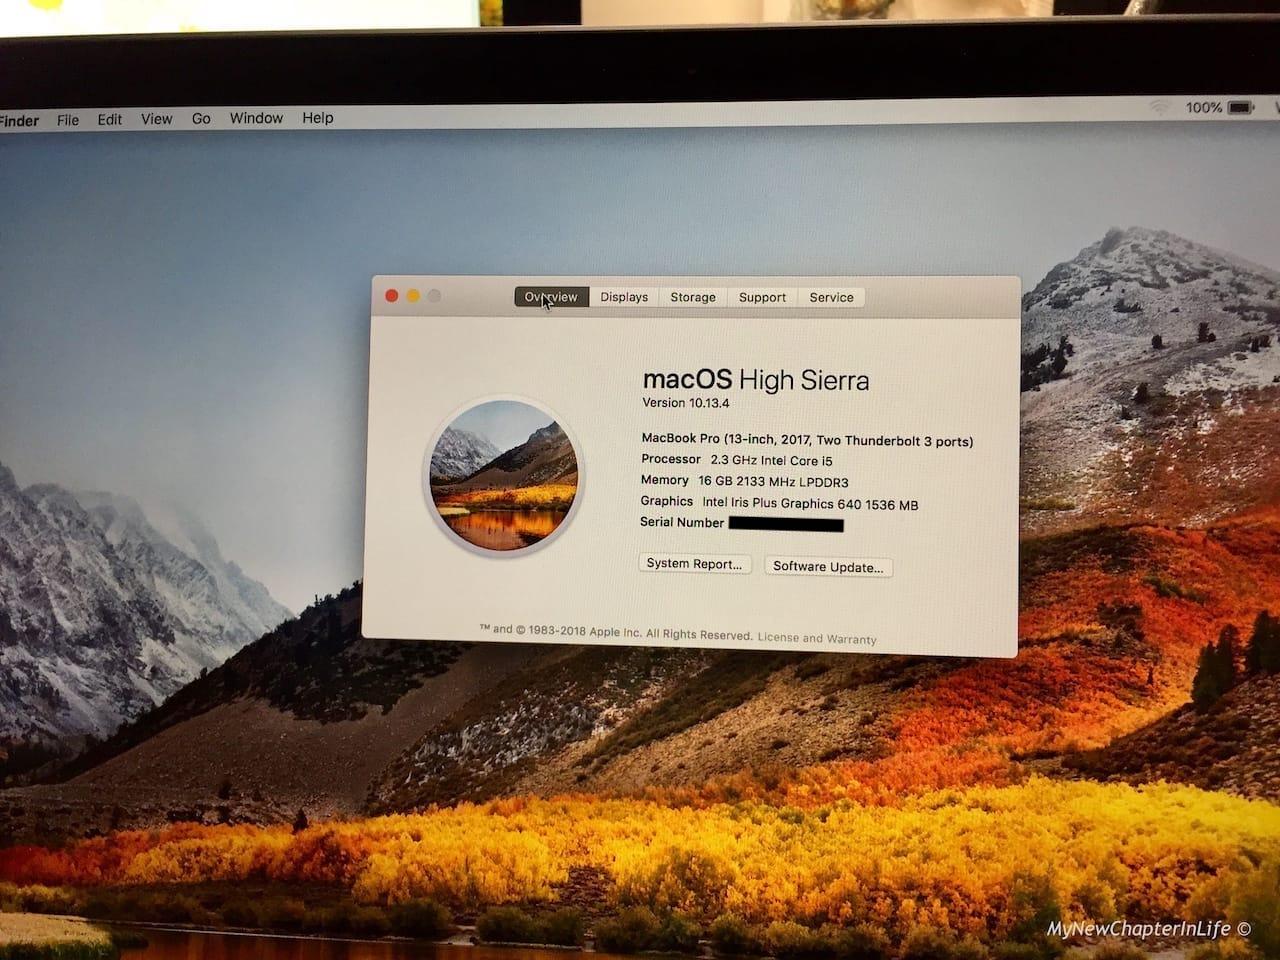 2.3 GHz Core i5 processor; 16 GB Memory